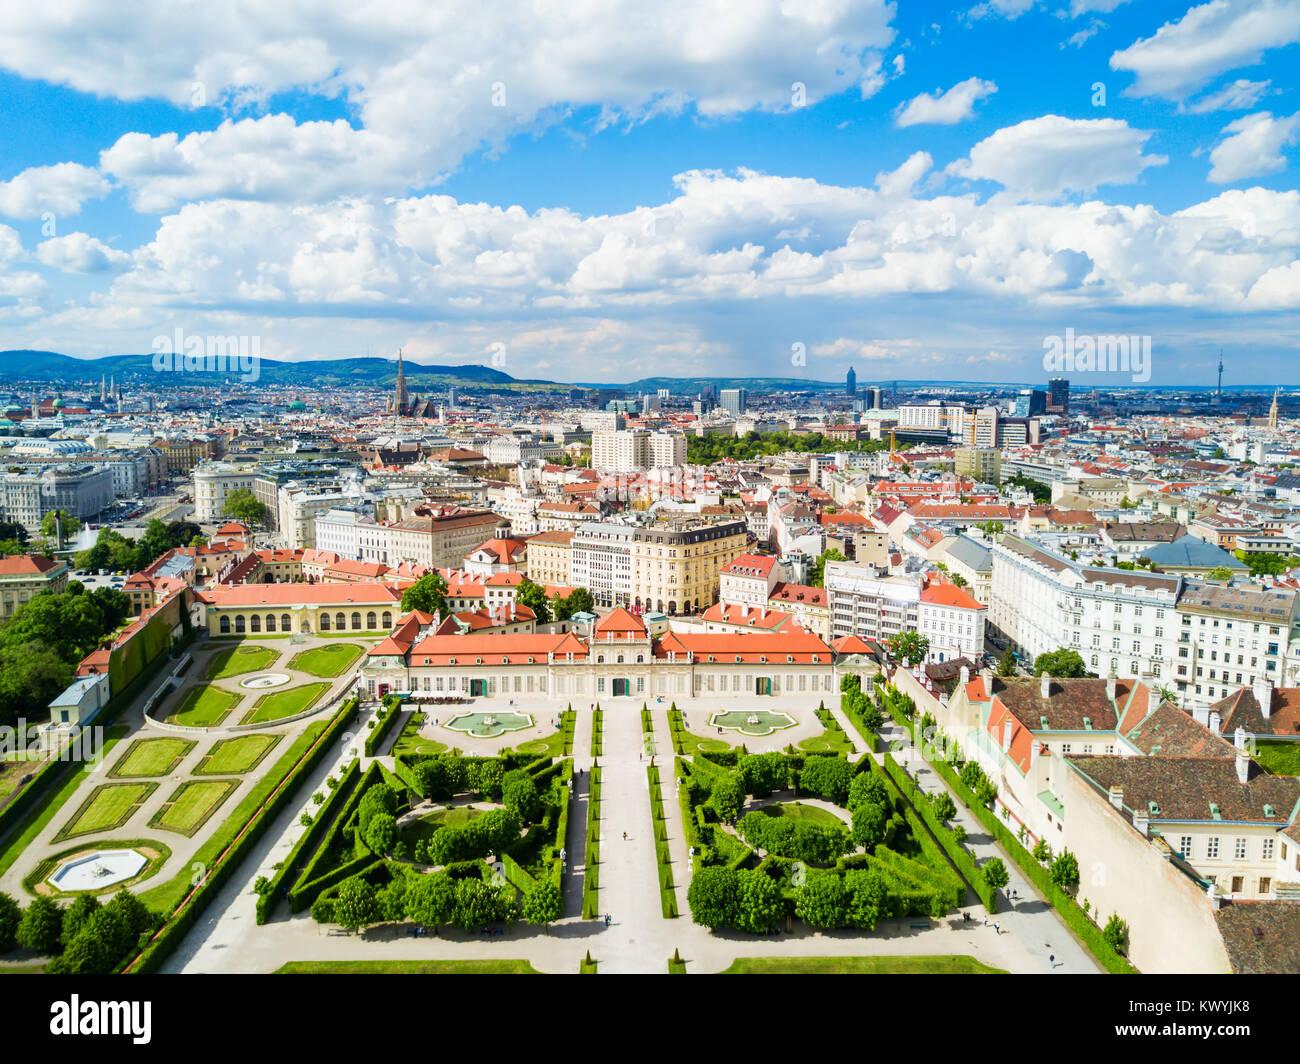 Le Palais du Belvédère panoramique vue aérienne. Le Palais du Belvédère est un bâtiment Photo Stock